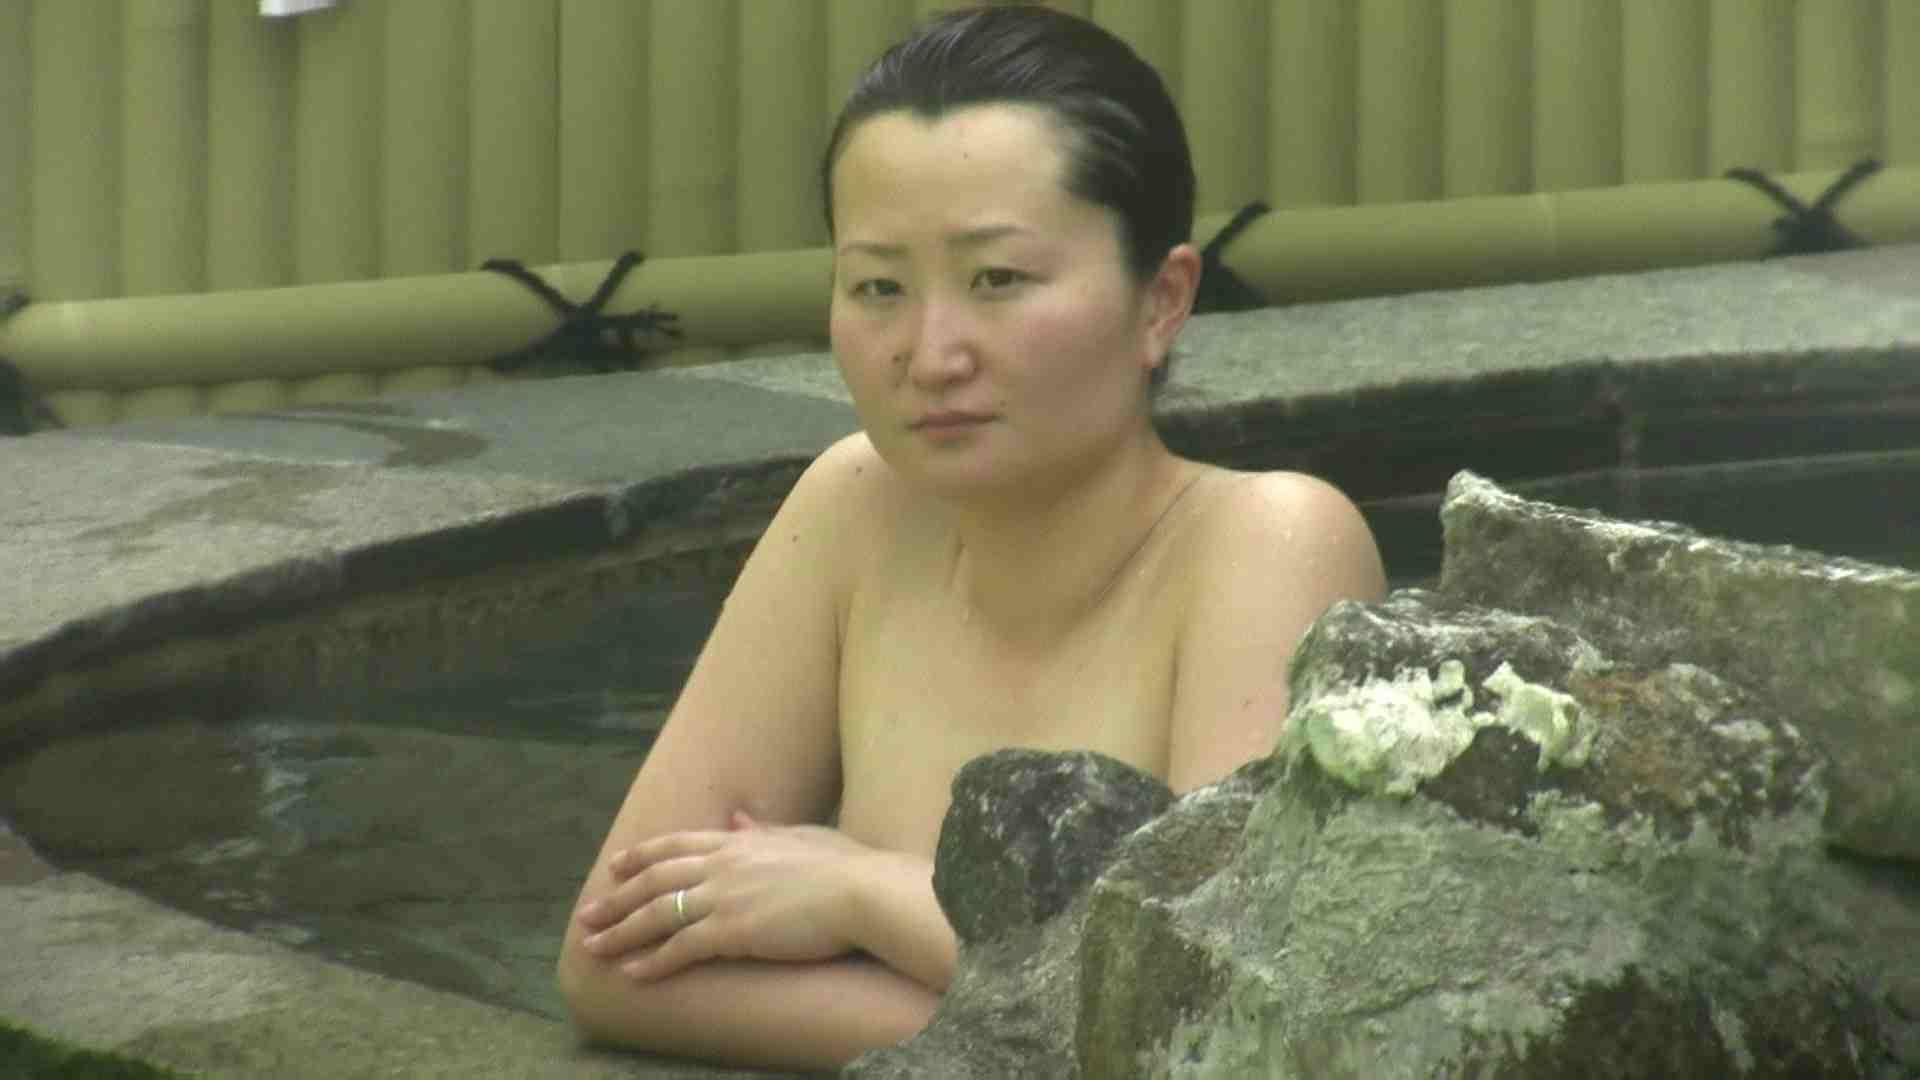 Aquaな露天風呂Vol.632 OL女体 のぞき動画画像 75連発 65